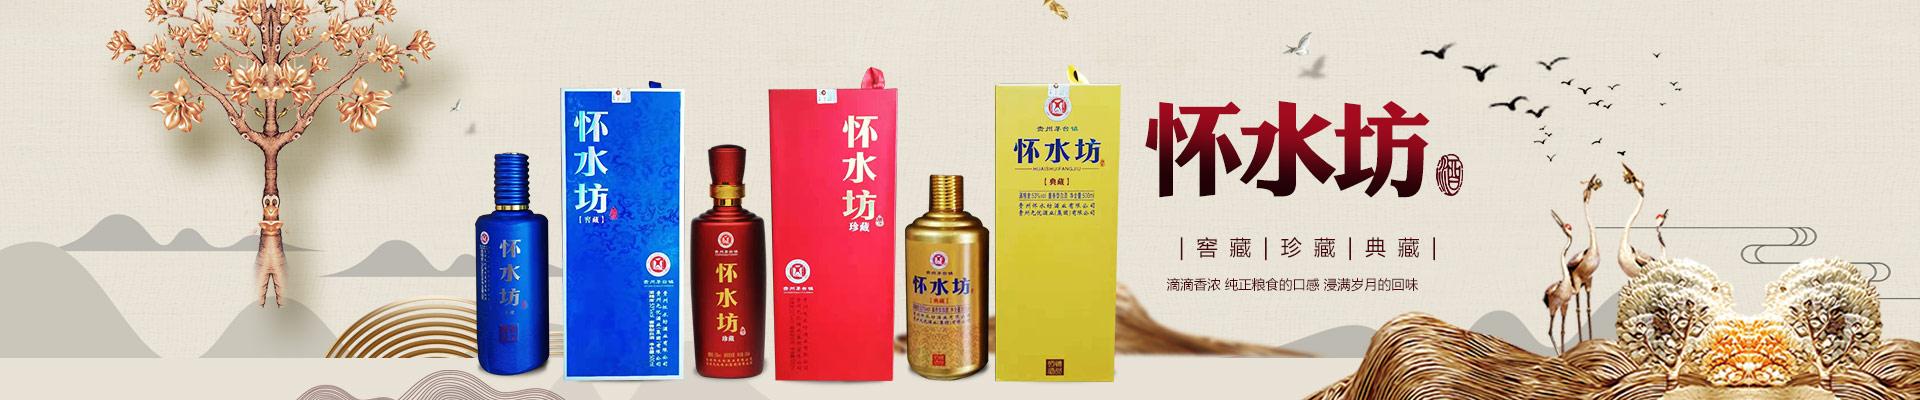 贵州怀水坊酒业有限公司